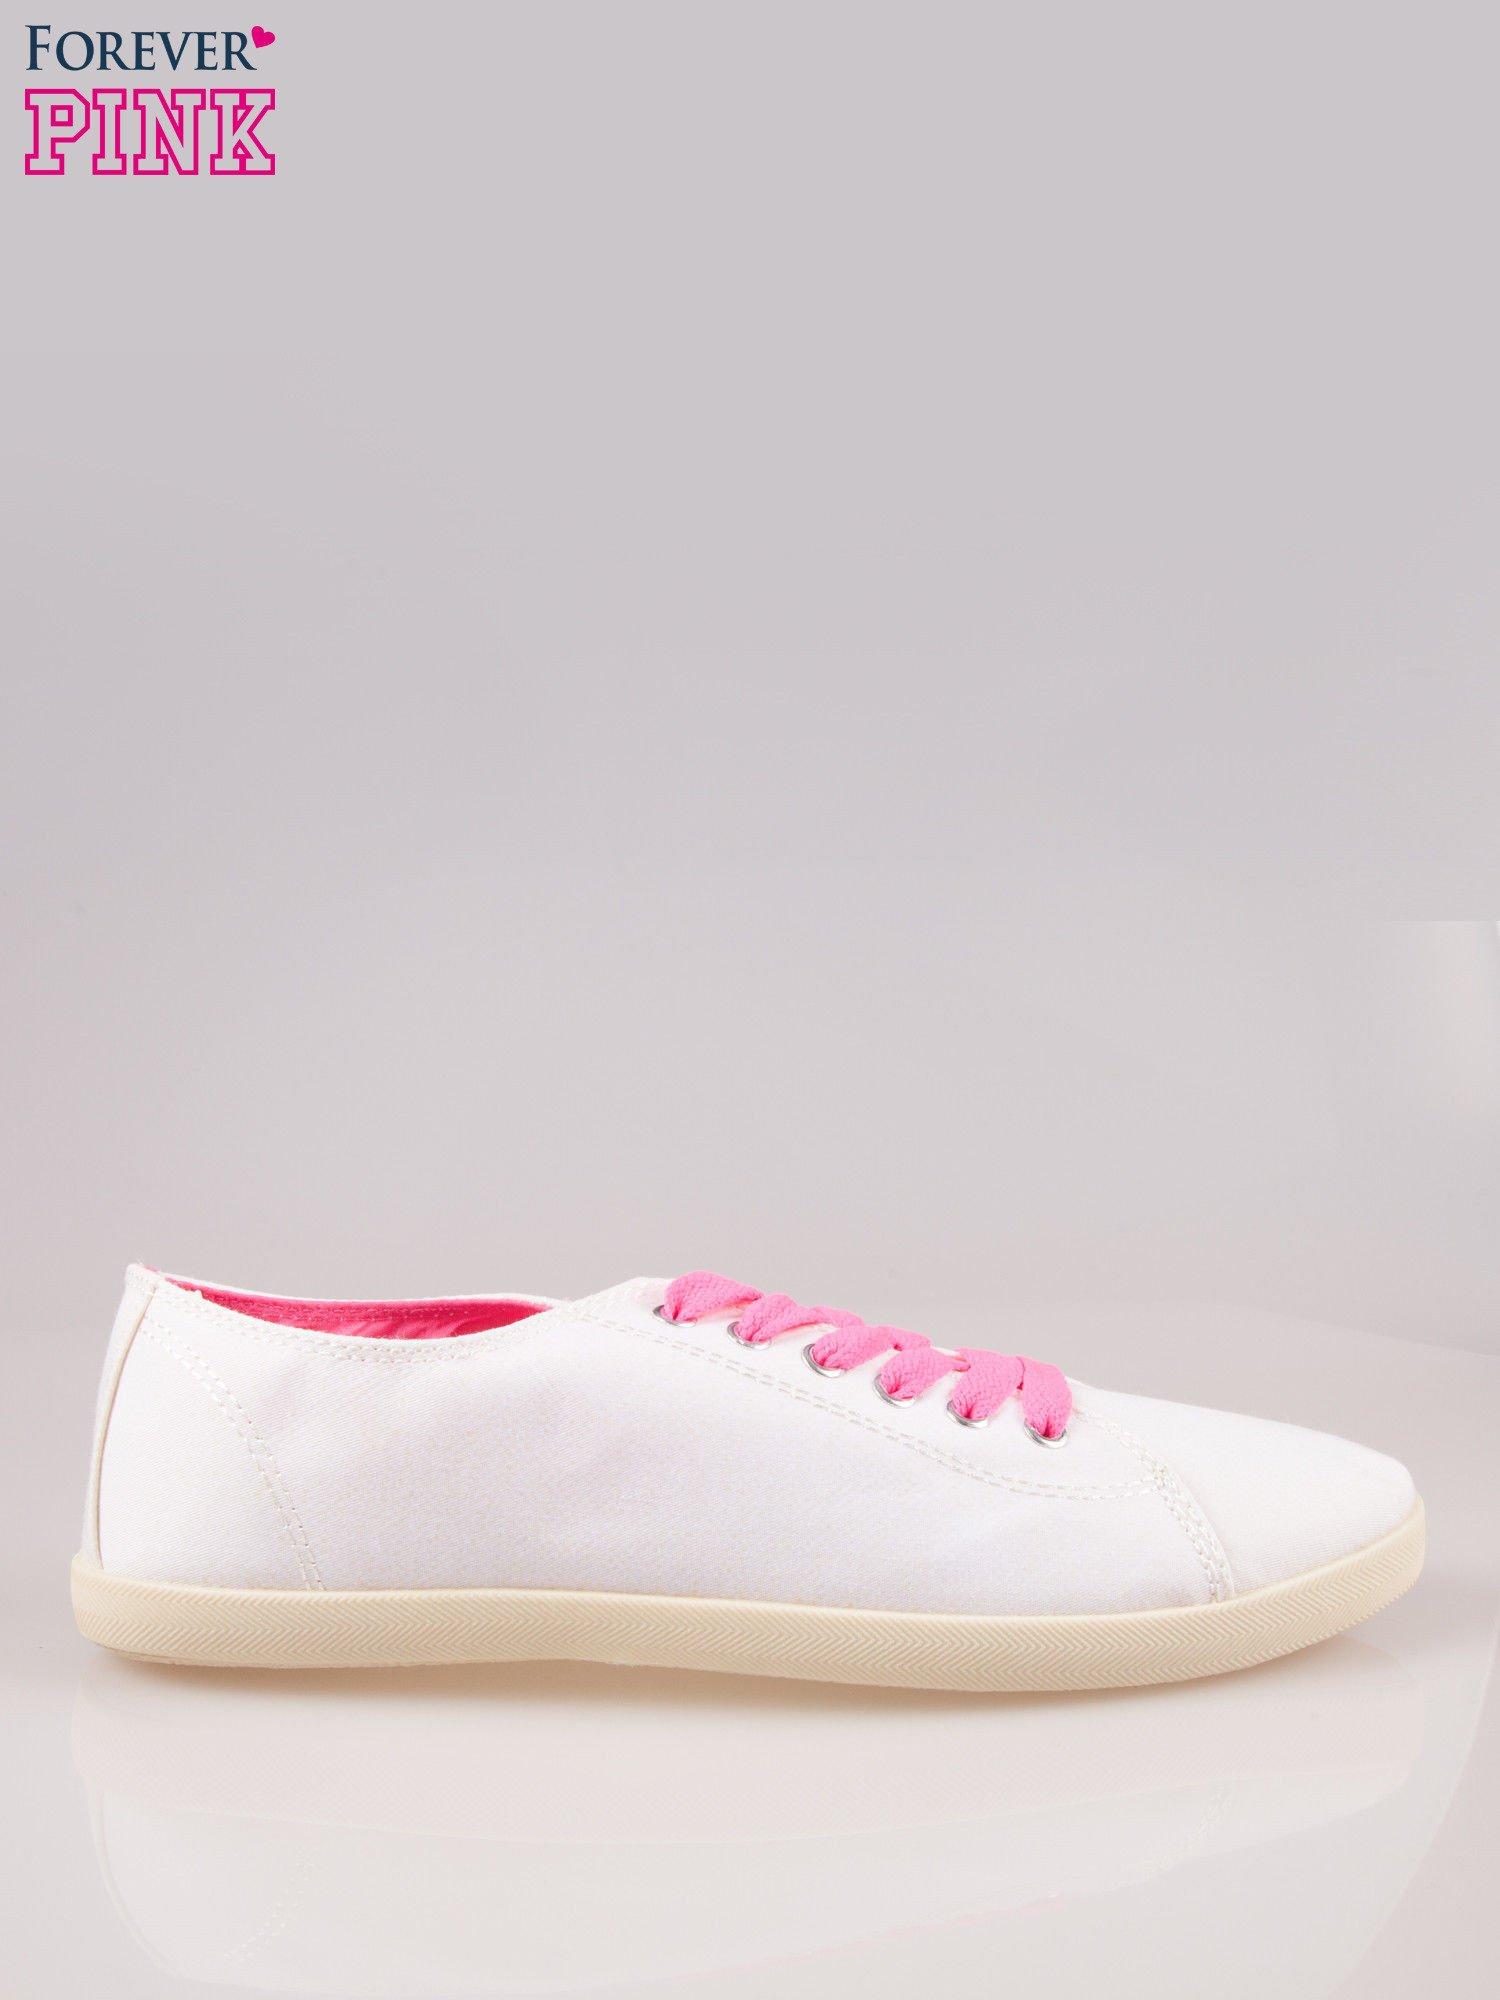 Białe tenisówki damskie z różowymi sznurówkami                                  zdj.                                  1